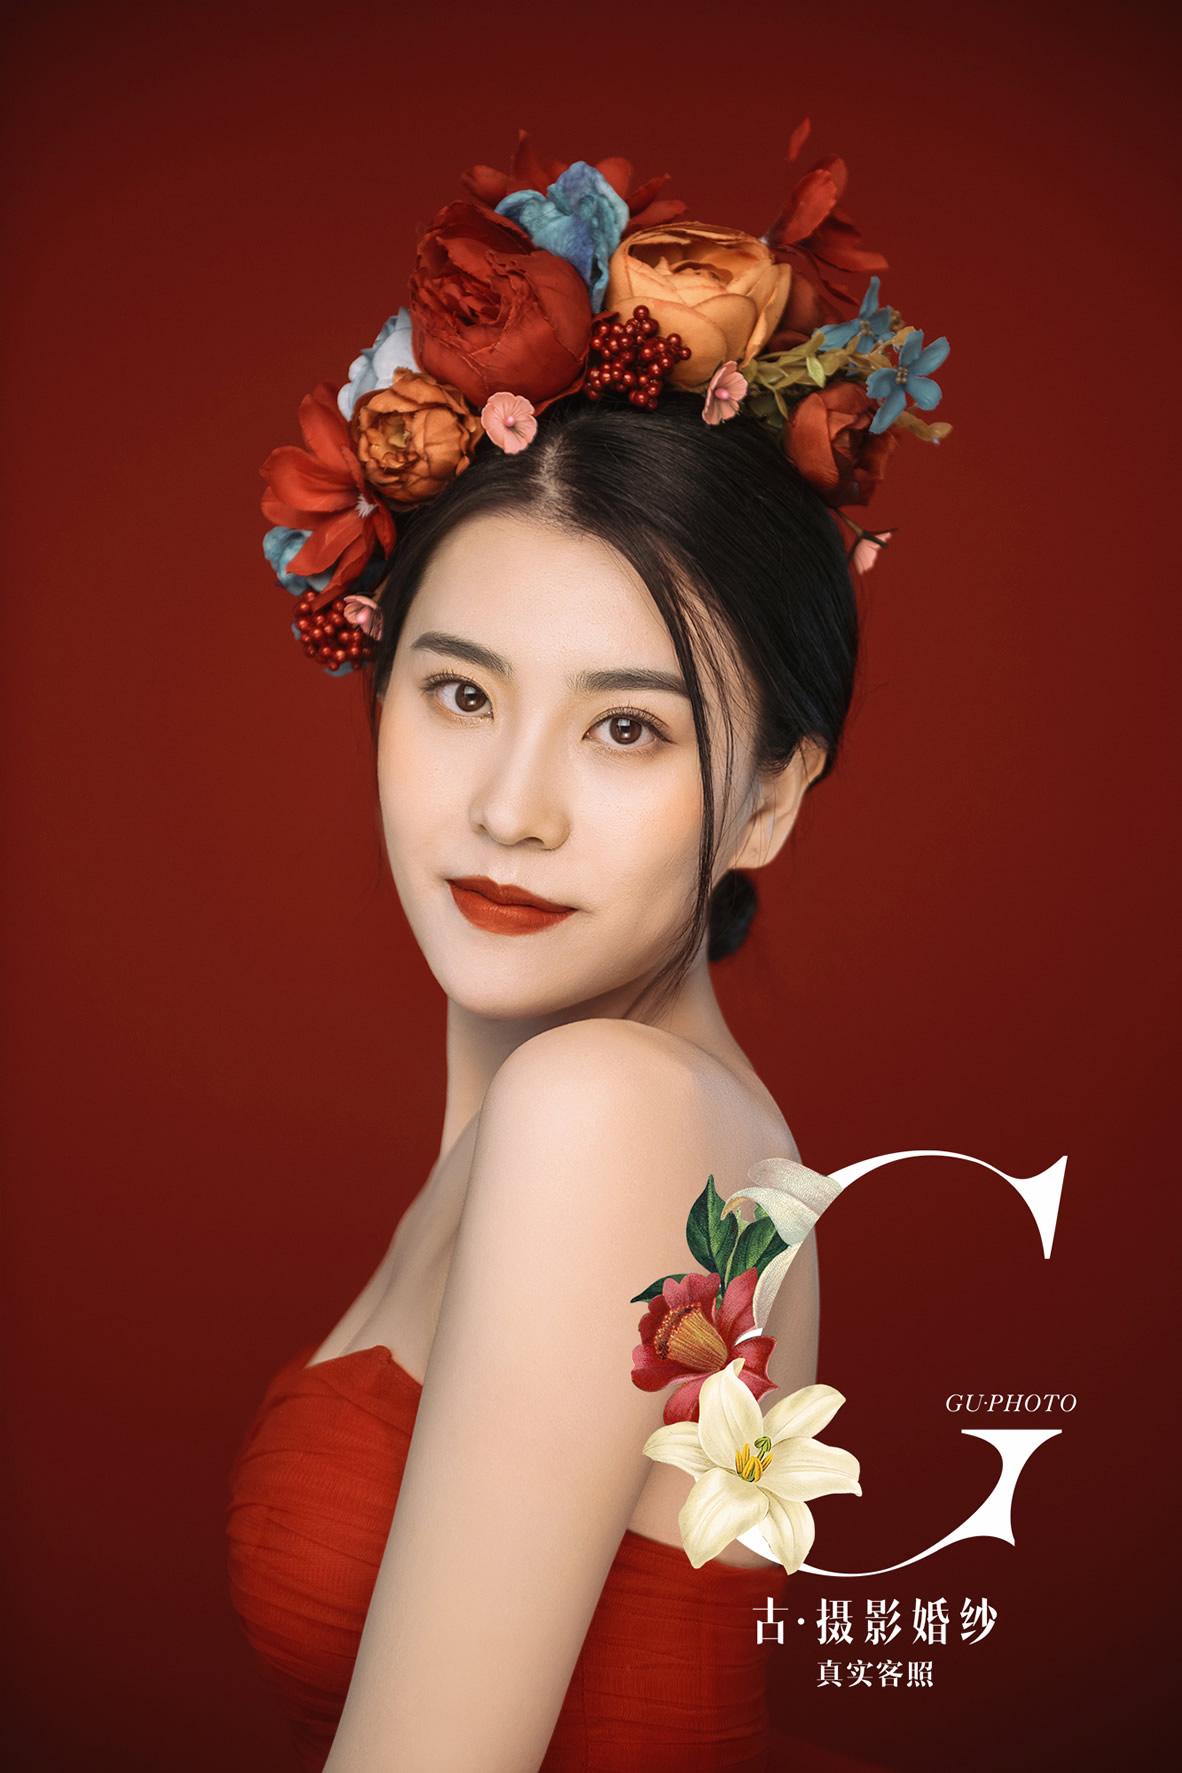 祁先生 孫小姐 - 每日客照 - 古攝影婚紗藝術-古攝影成都婚紗攝影藝術攝影網